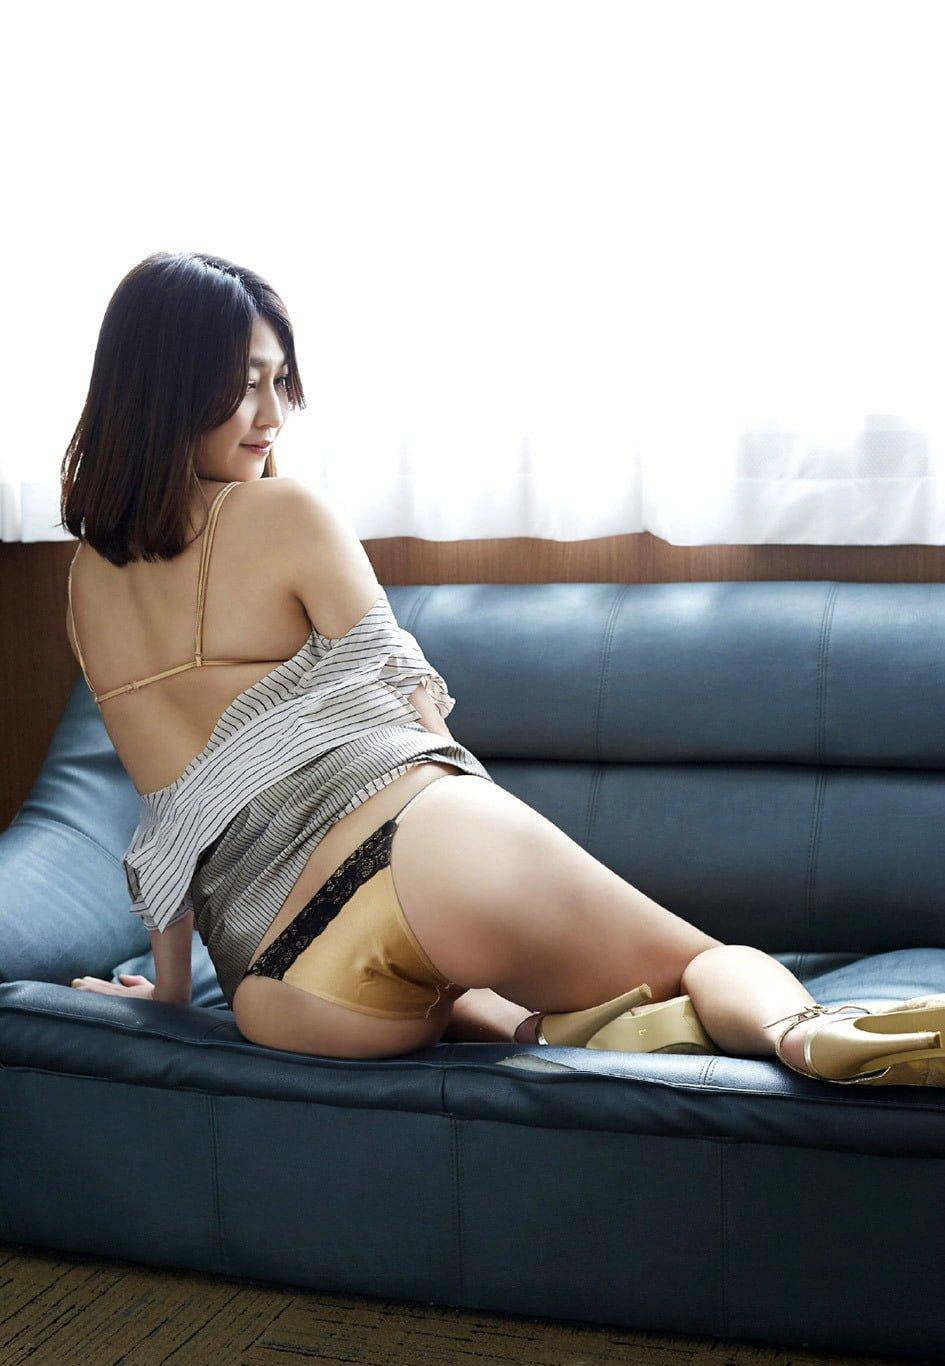 グラビアアイドル写真集 小柳歩ちゃんのまとめ画像パート2 100枚Number001-100